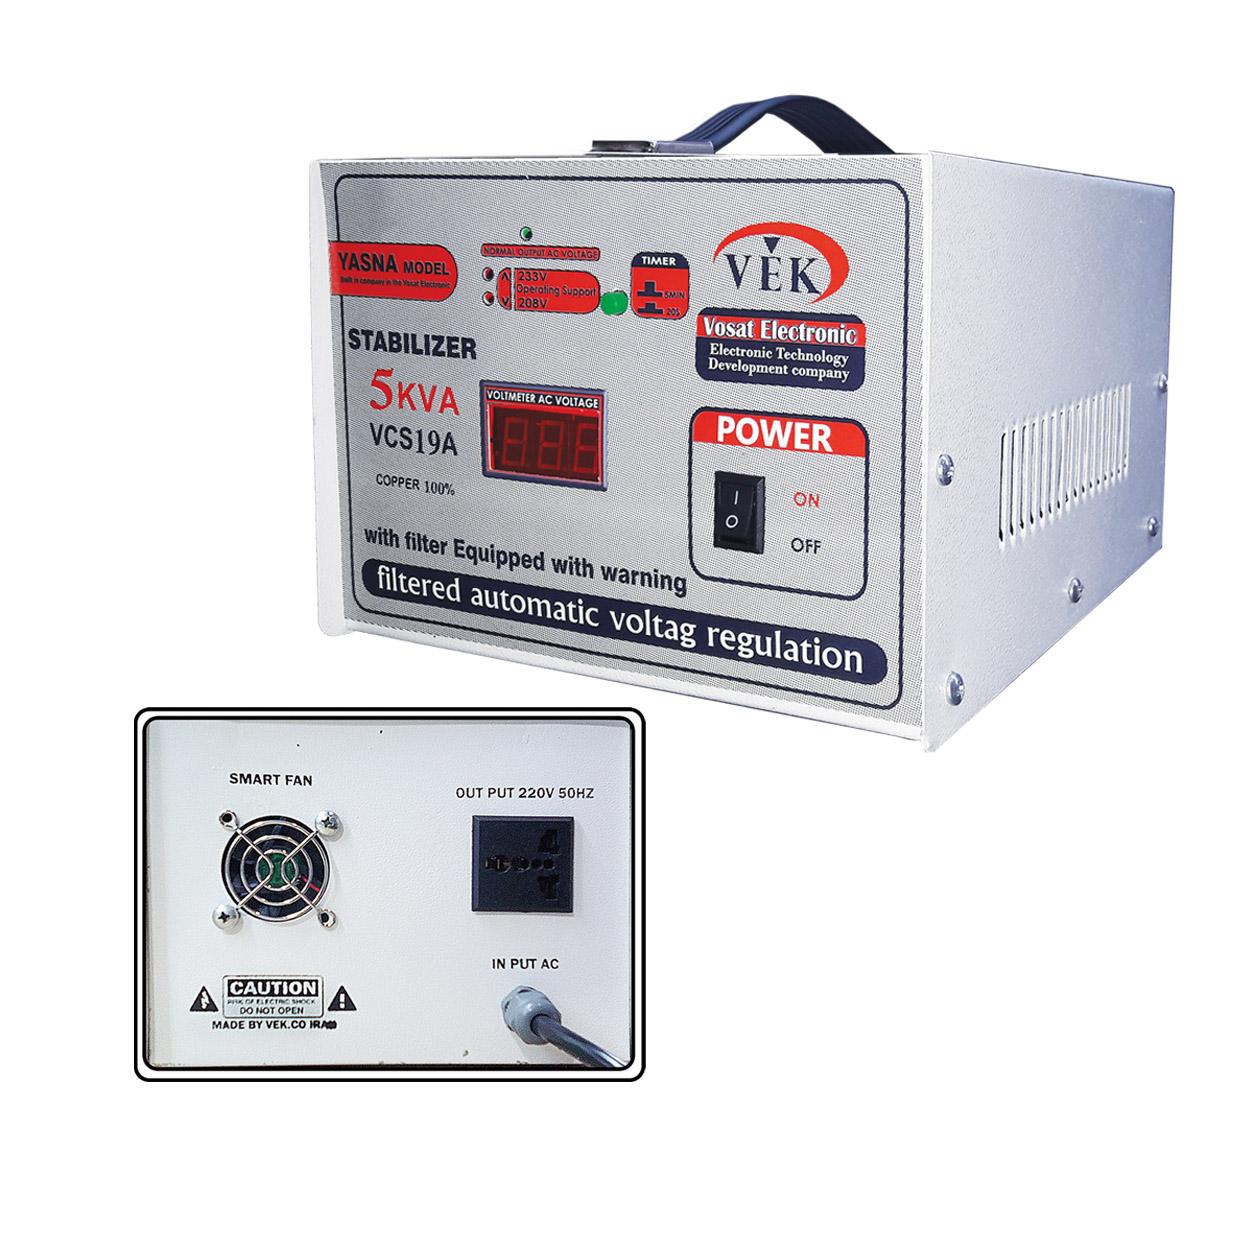 استابلایزر (ترانس اتوماتیک) 5KVA